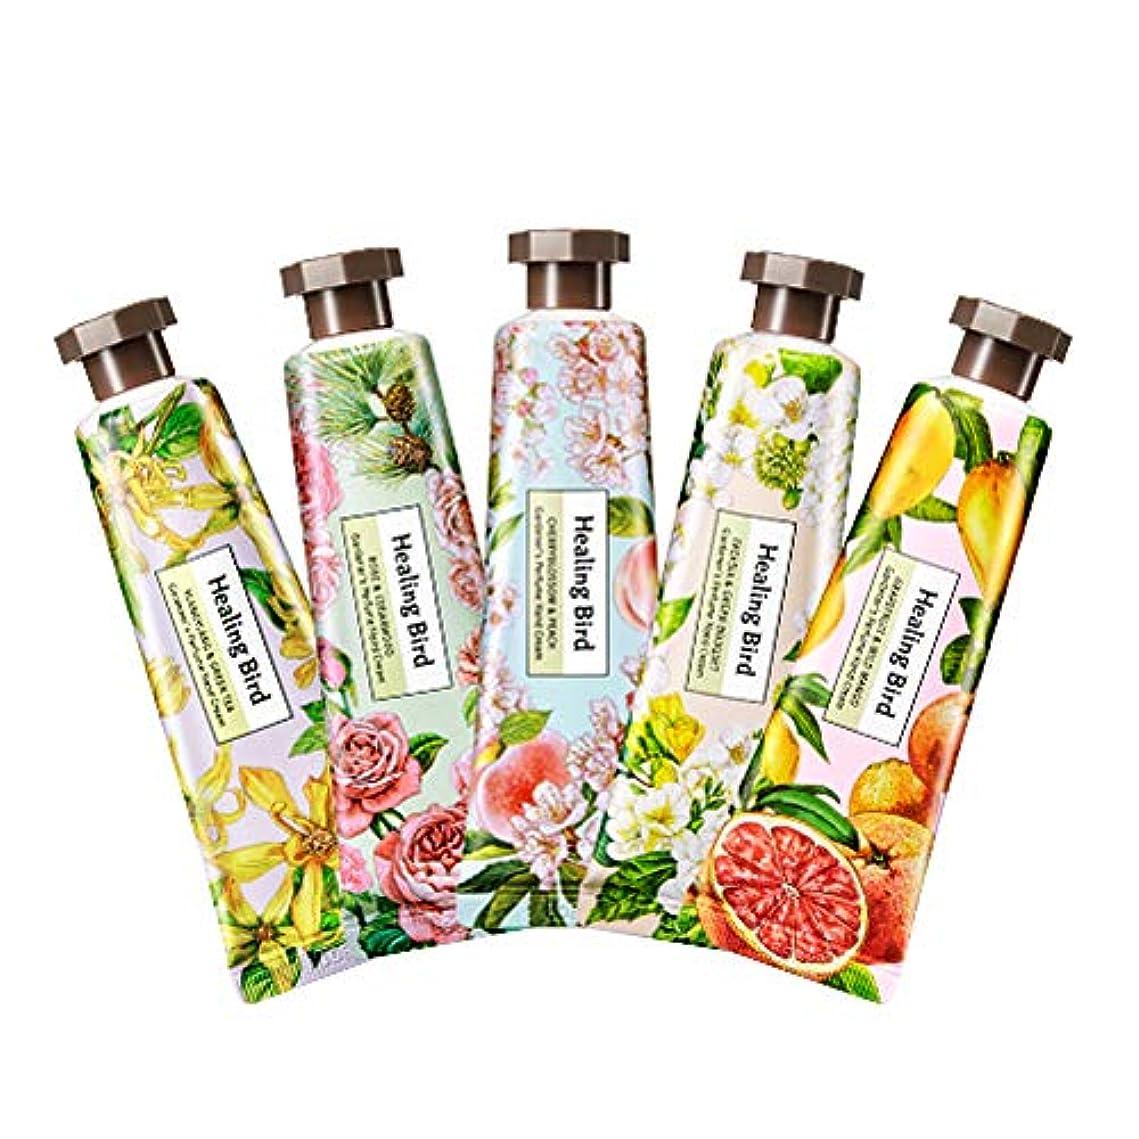 洪水クラシカル記念Healing Bird Gardener's Perfume Hand Cream 30ml ヒーリングバード カドゥノスパヒュームハンドクリーム (Ylangylang & Greentea) [並行輸入品]